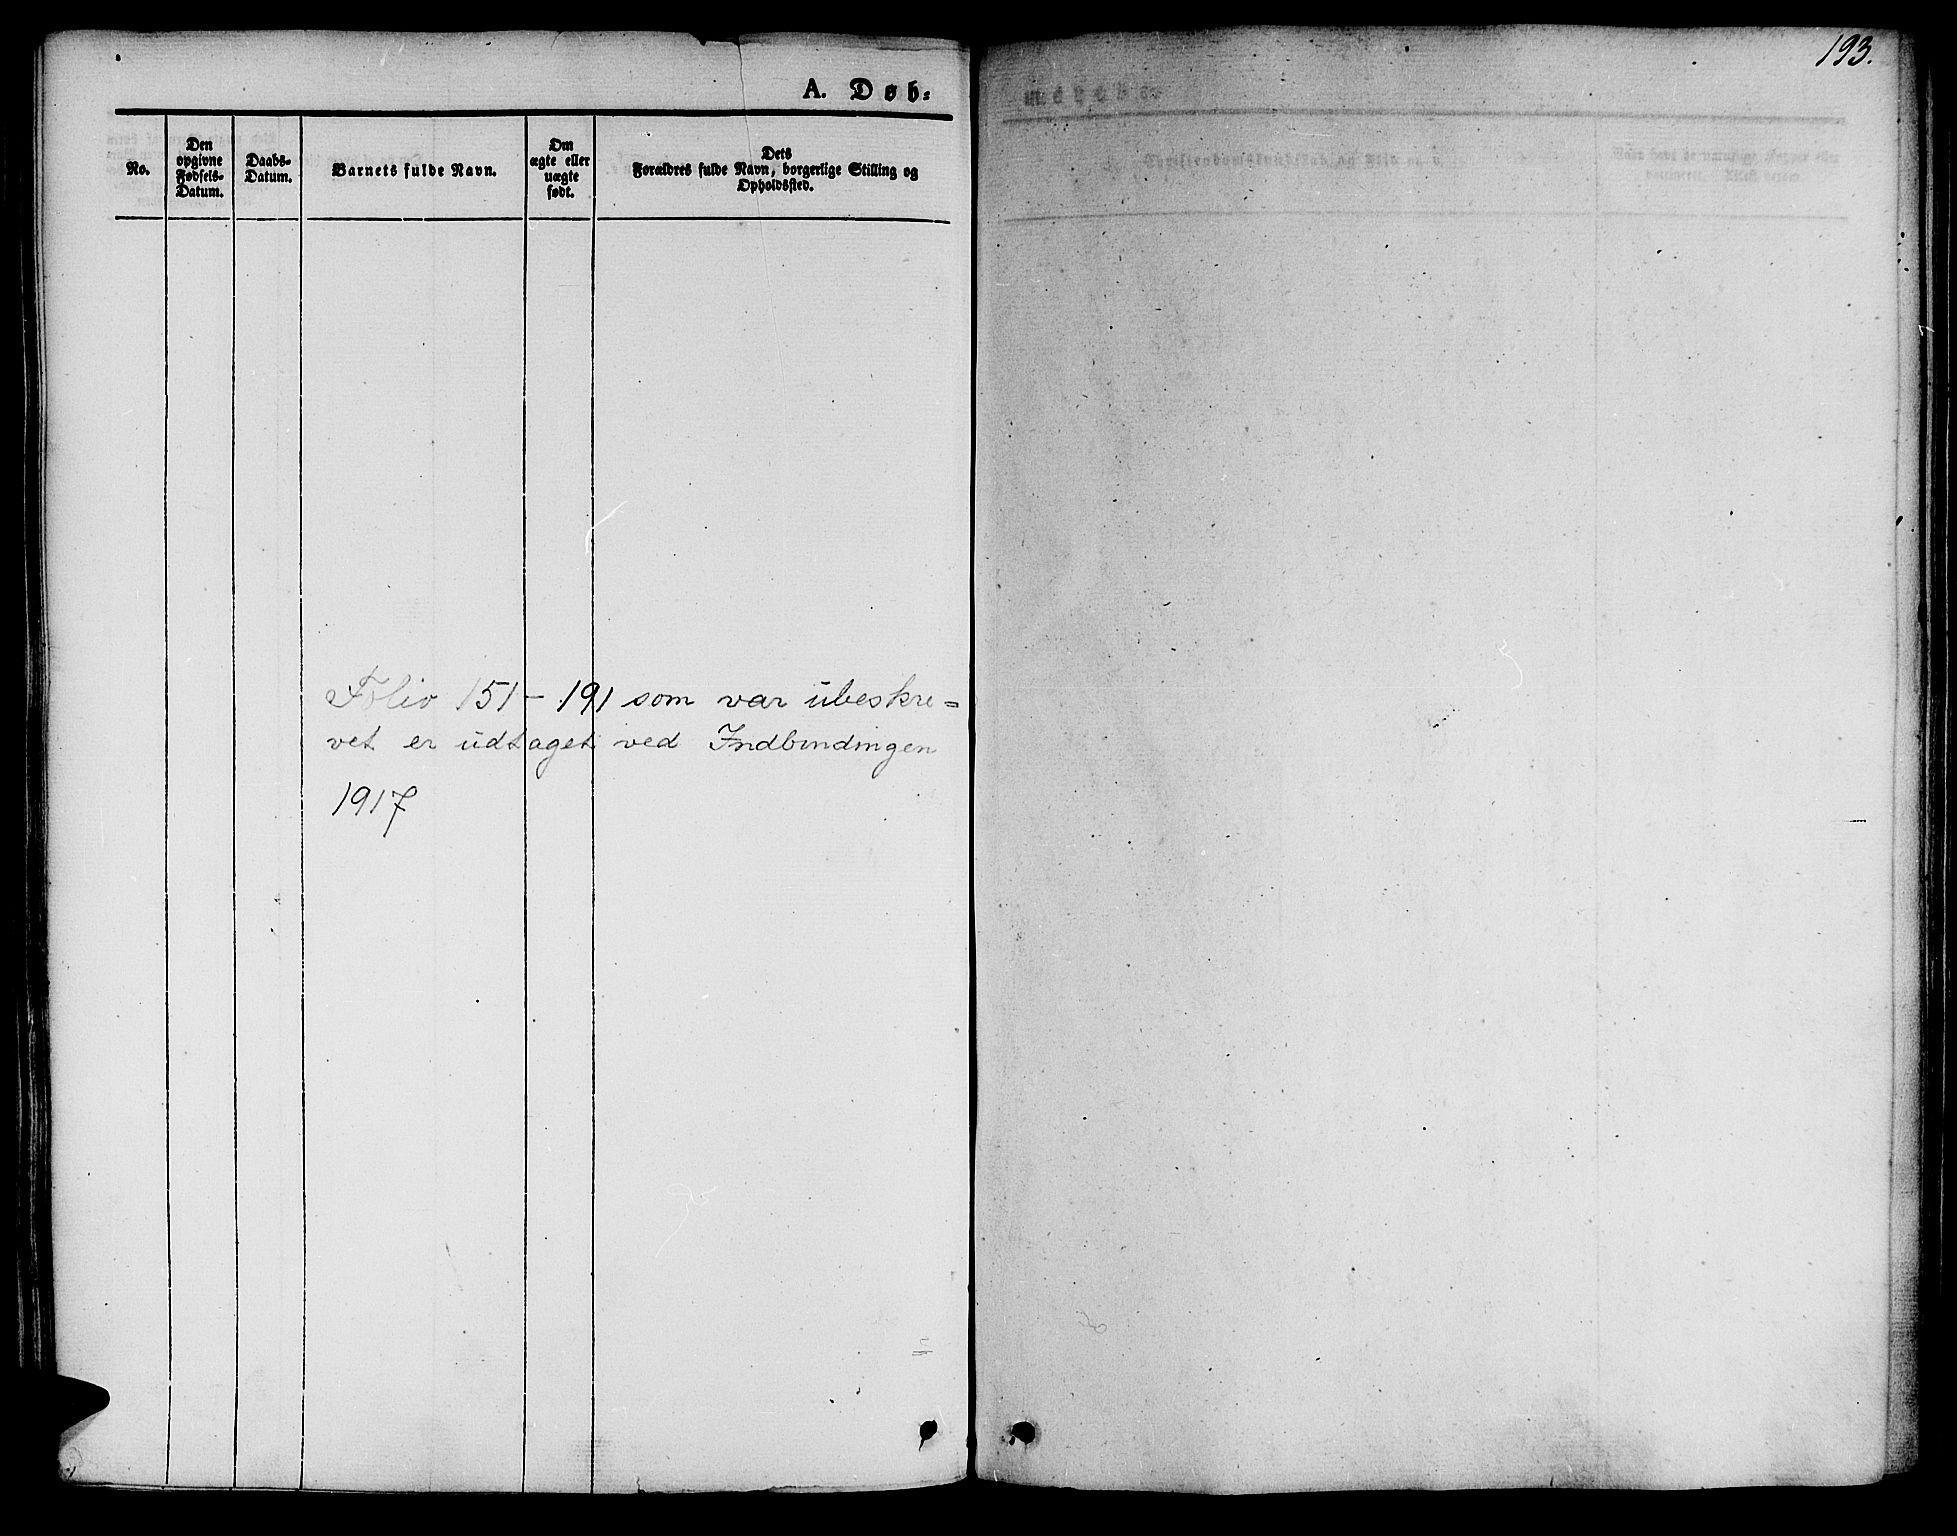 SAT, Ministerialprotokoller, klokkerbøker og fødselsregistre - Sør-Trøndelag, 601/L0048: Ministerialbok nr. 601A16, 1840-1847, s. 193